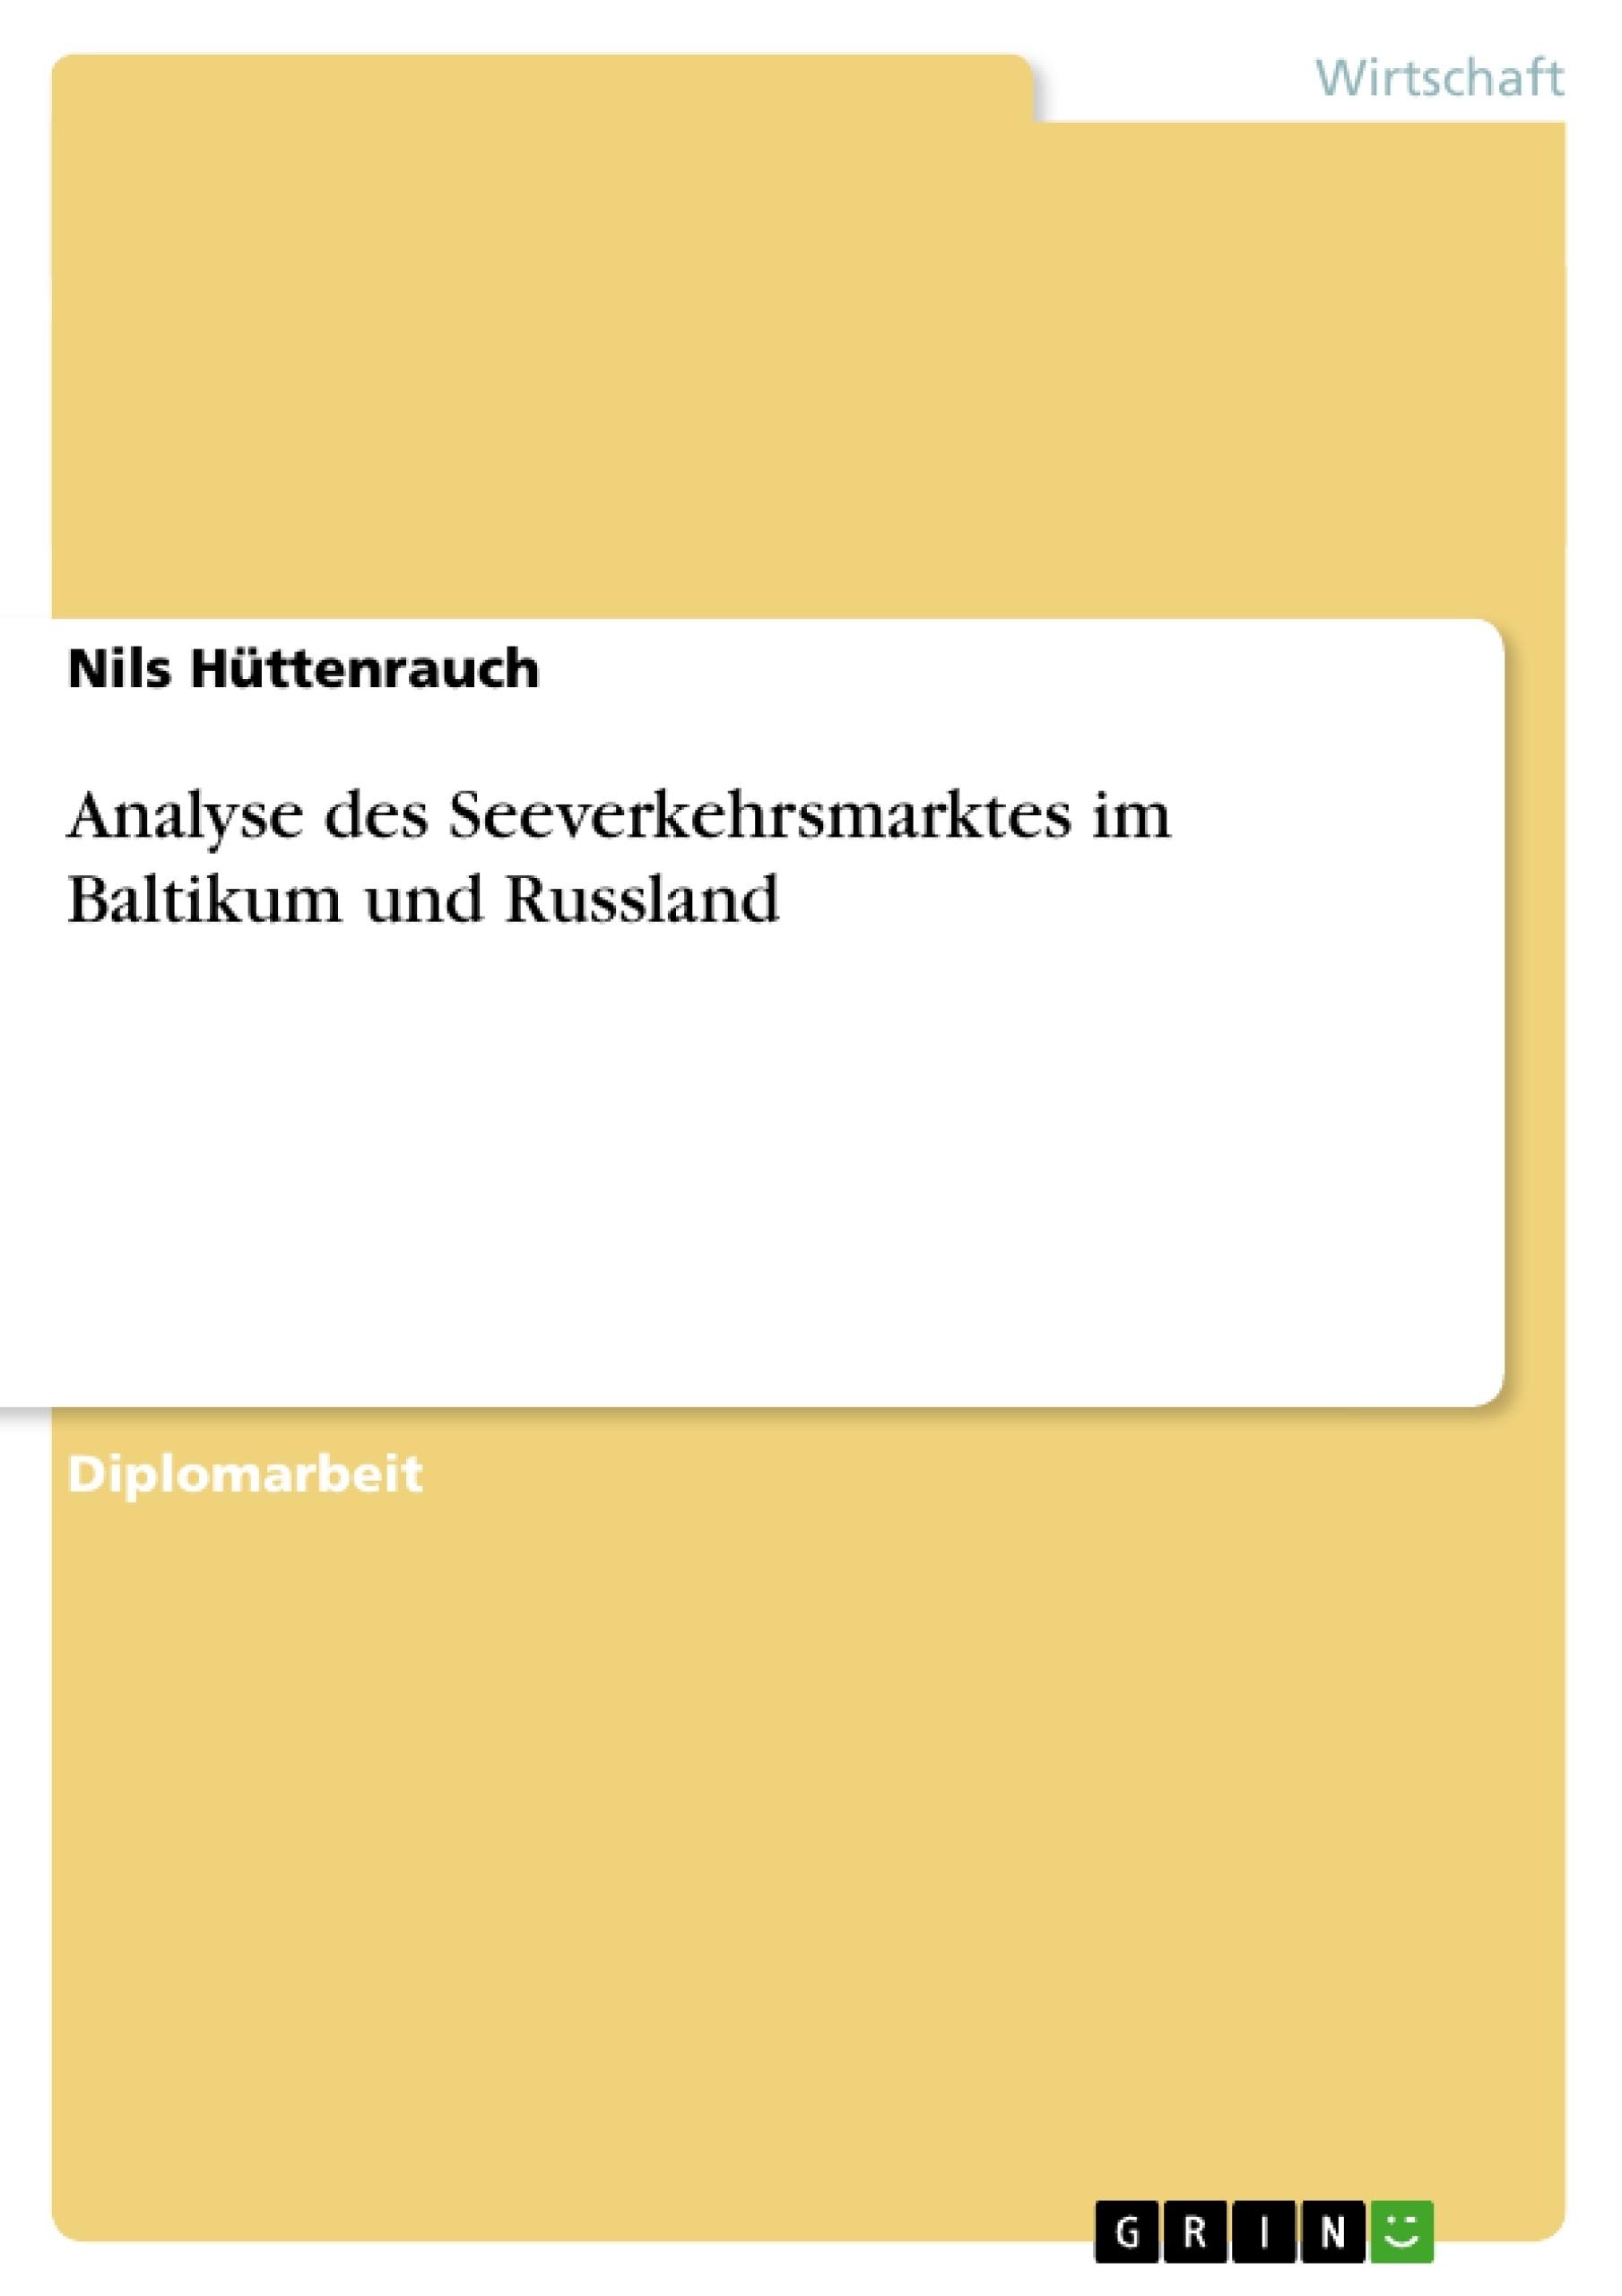 Titel: Analyse des Seeverkehrsmarktes im Baltikum und Russland